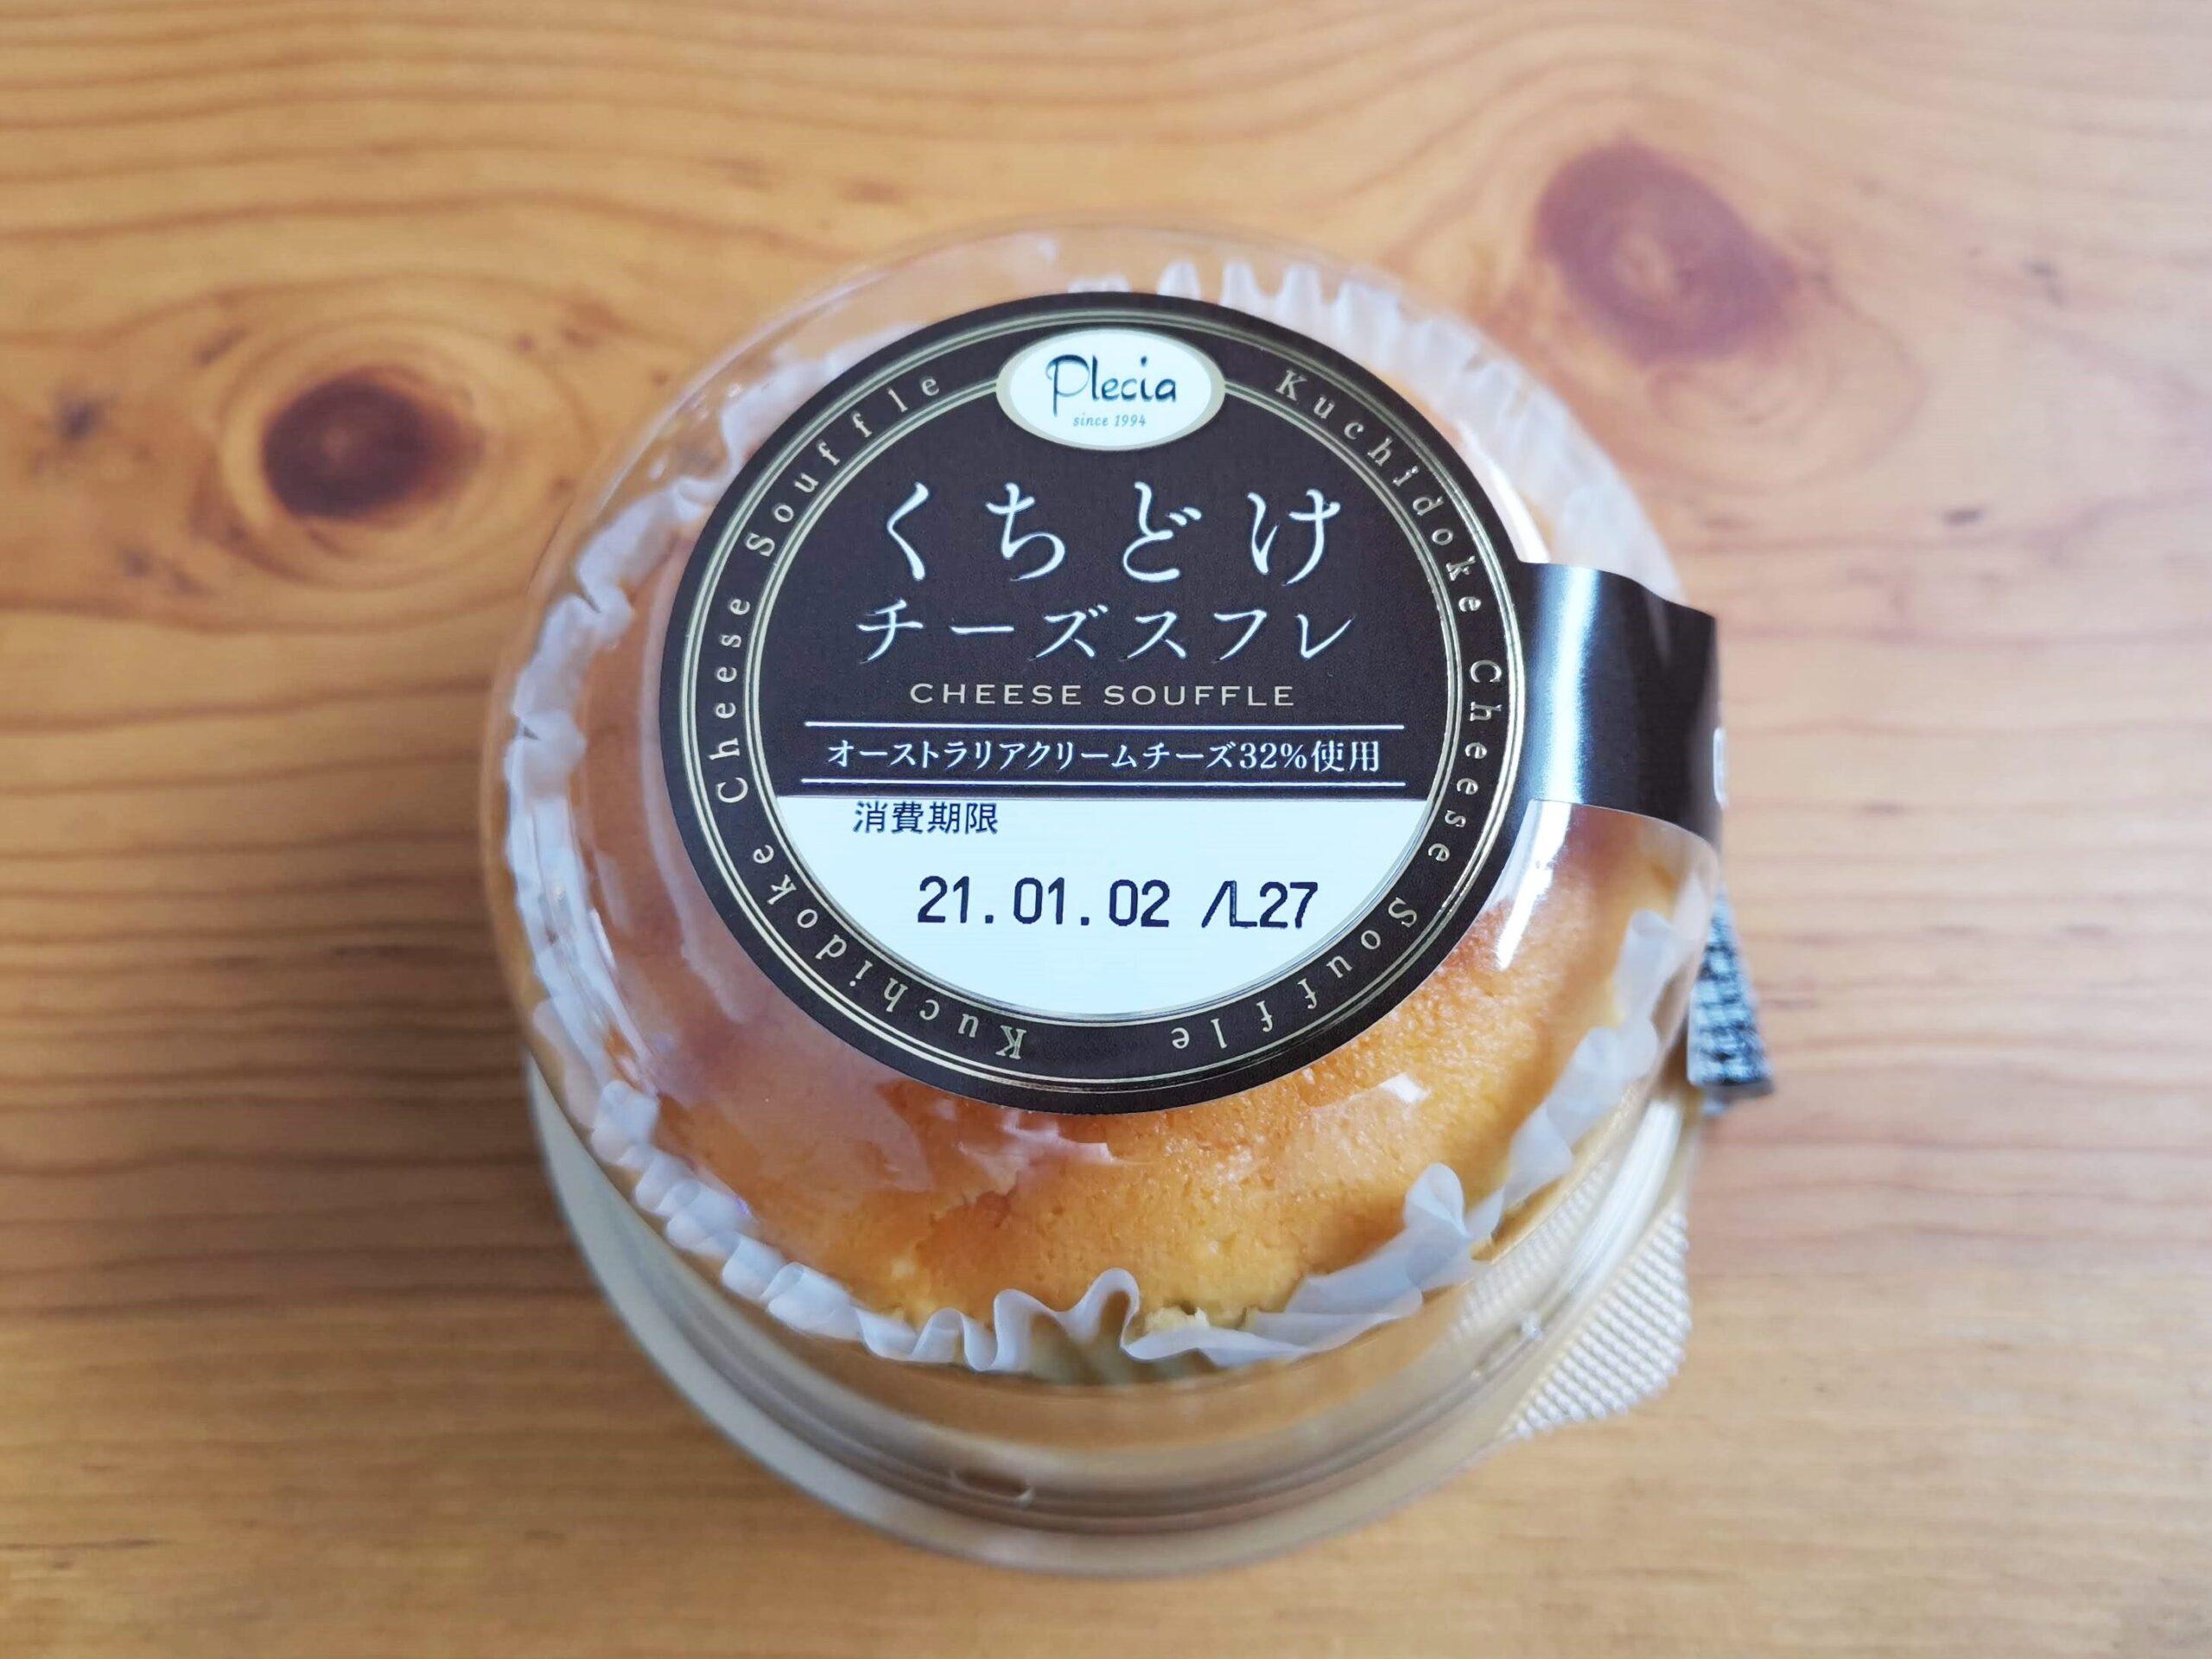 プレシア くちどけチーズスフレの写真 (10)